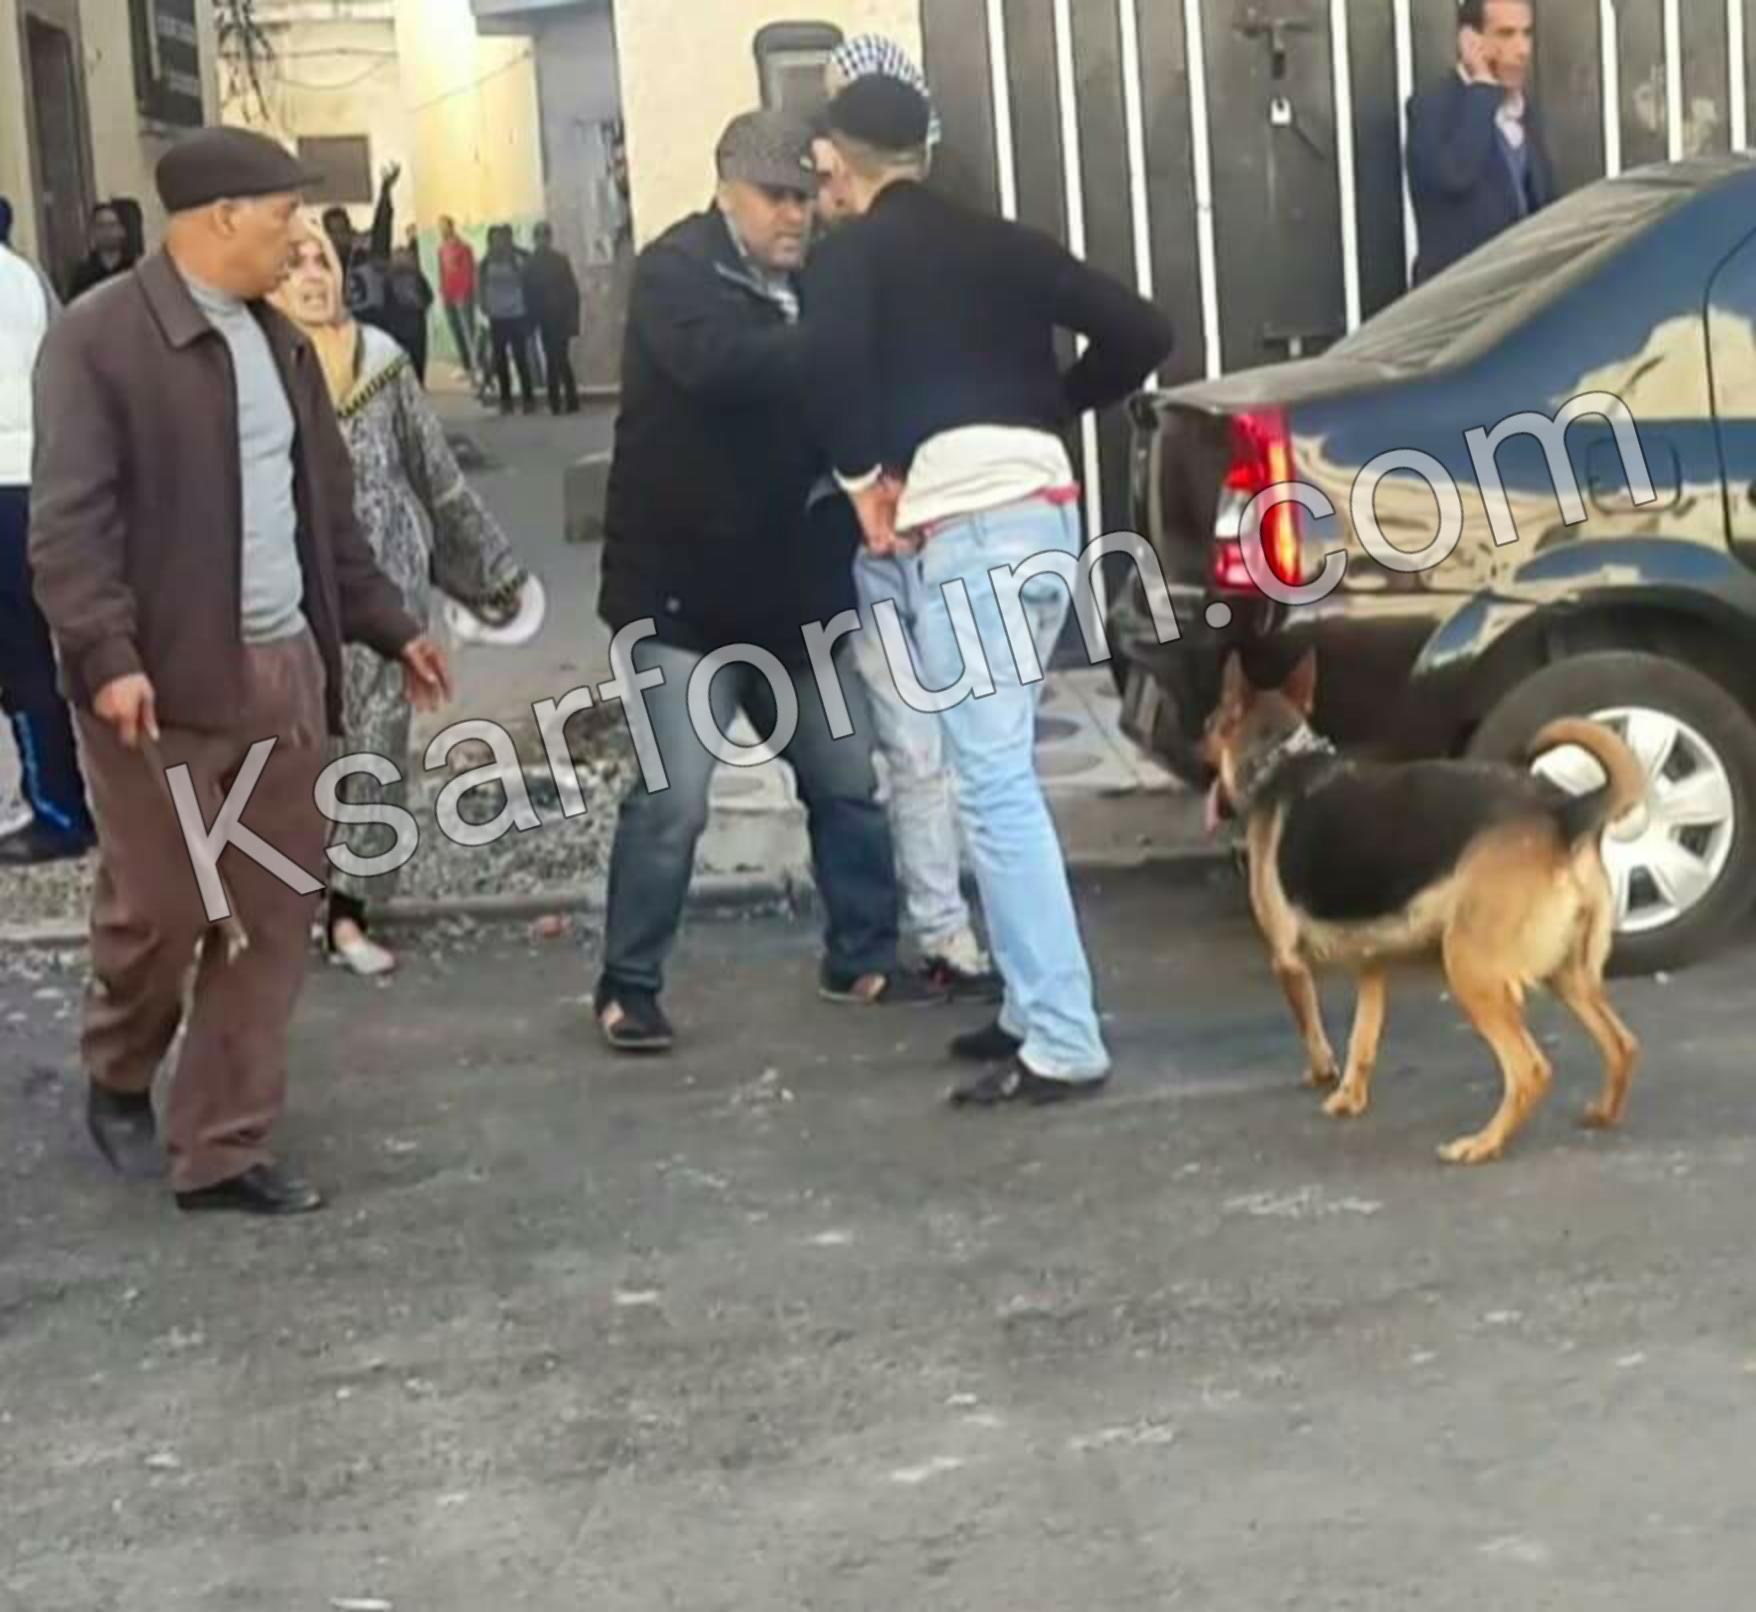 خطير .. إصابة عناصر من الشرطة هاجمهم كلب أثناء محاولة توقيف عصابة